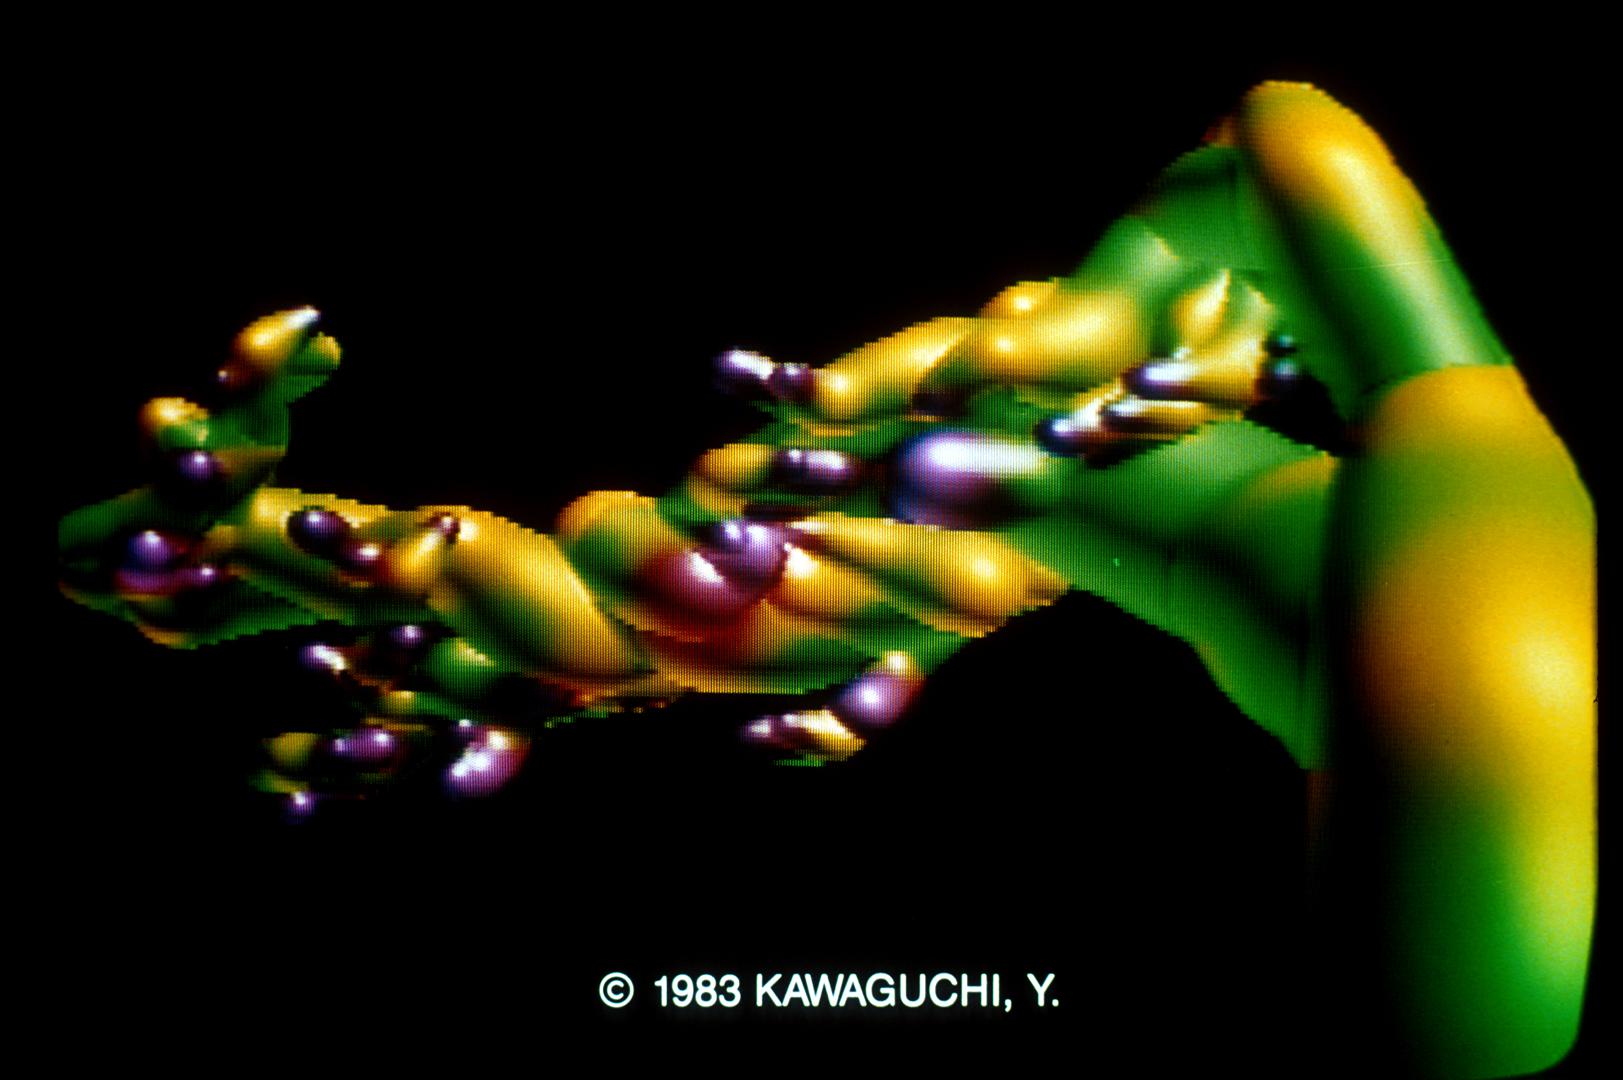 ©, Yoichiro Kawaguchi